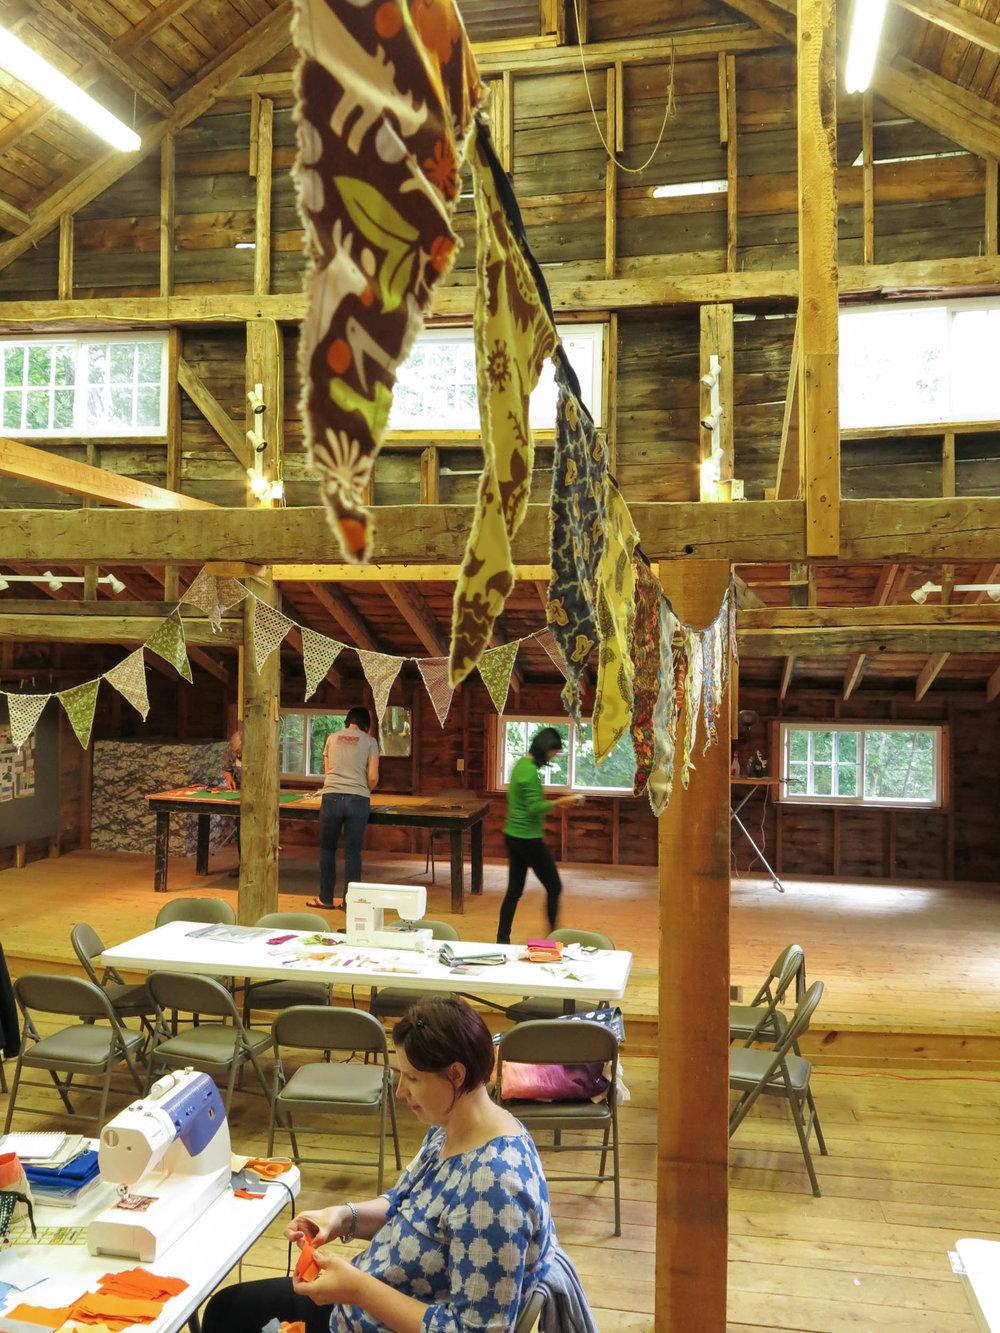 In the barn, Emilee (1 of 1).jpg